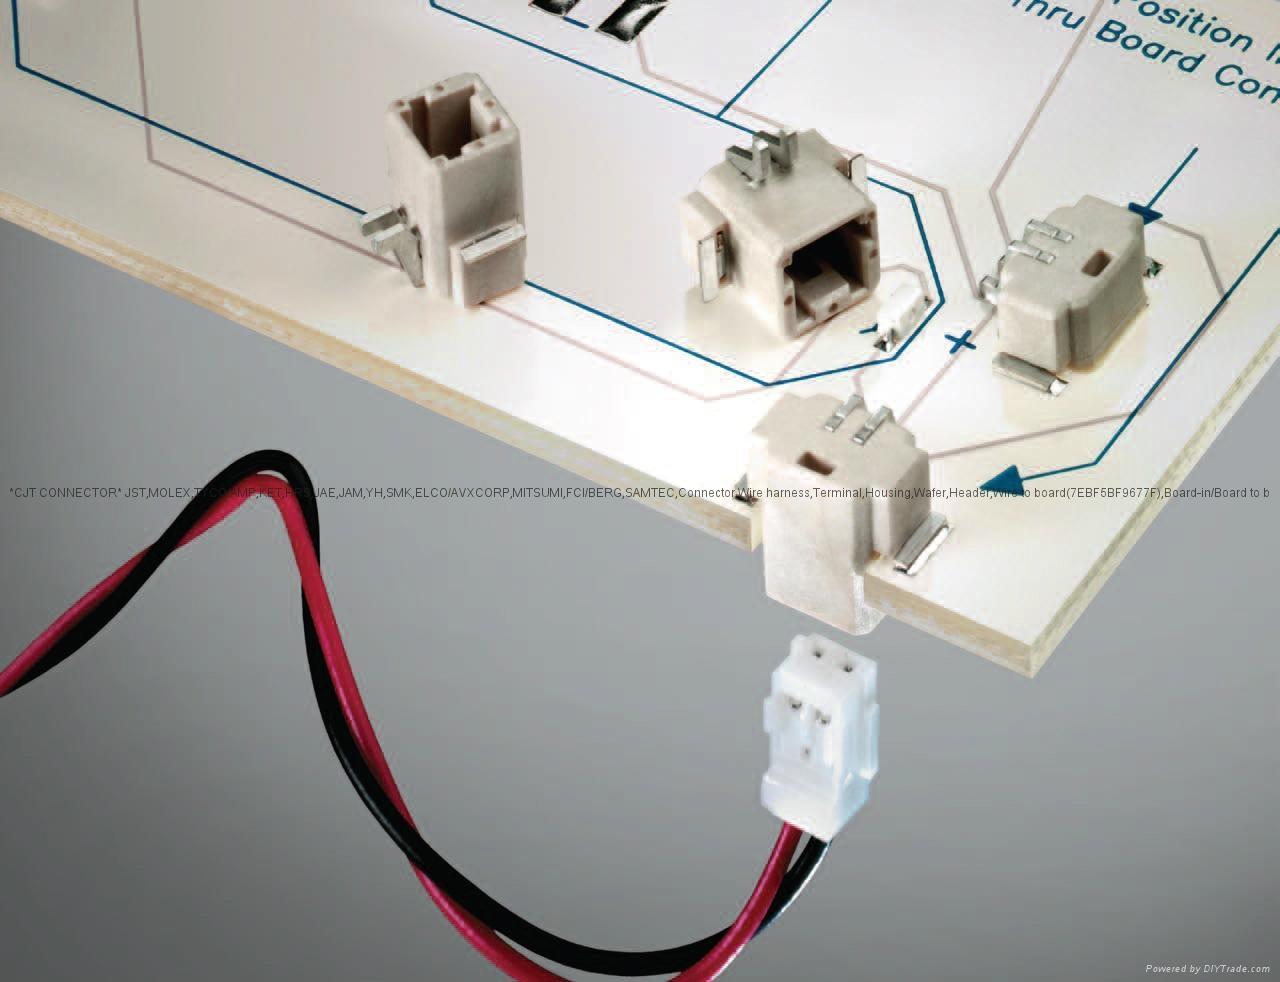 CJT conn LED Inverted SMT Thru Board Connector